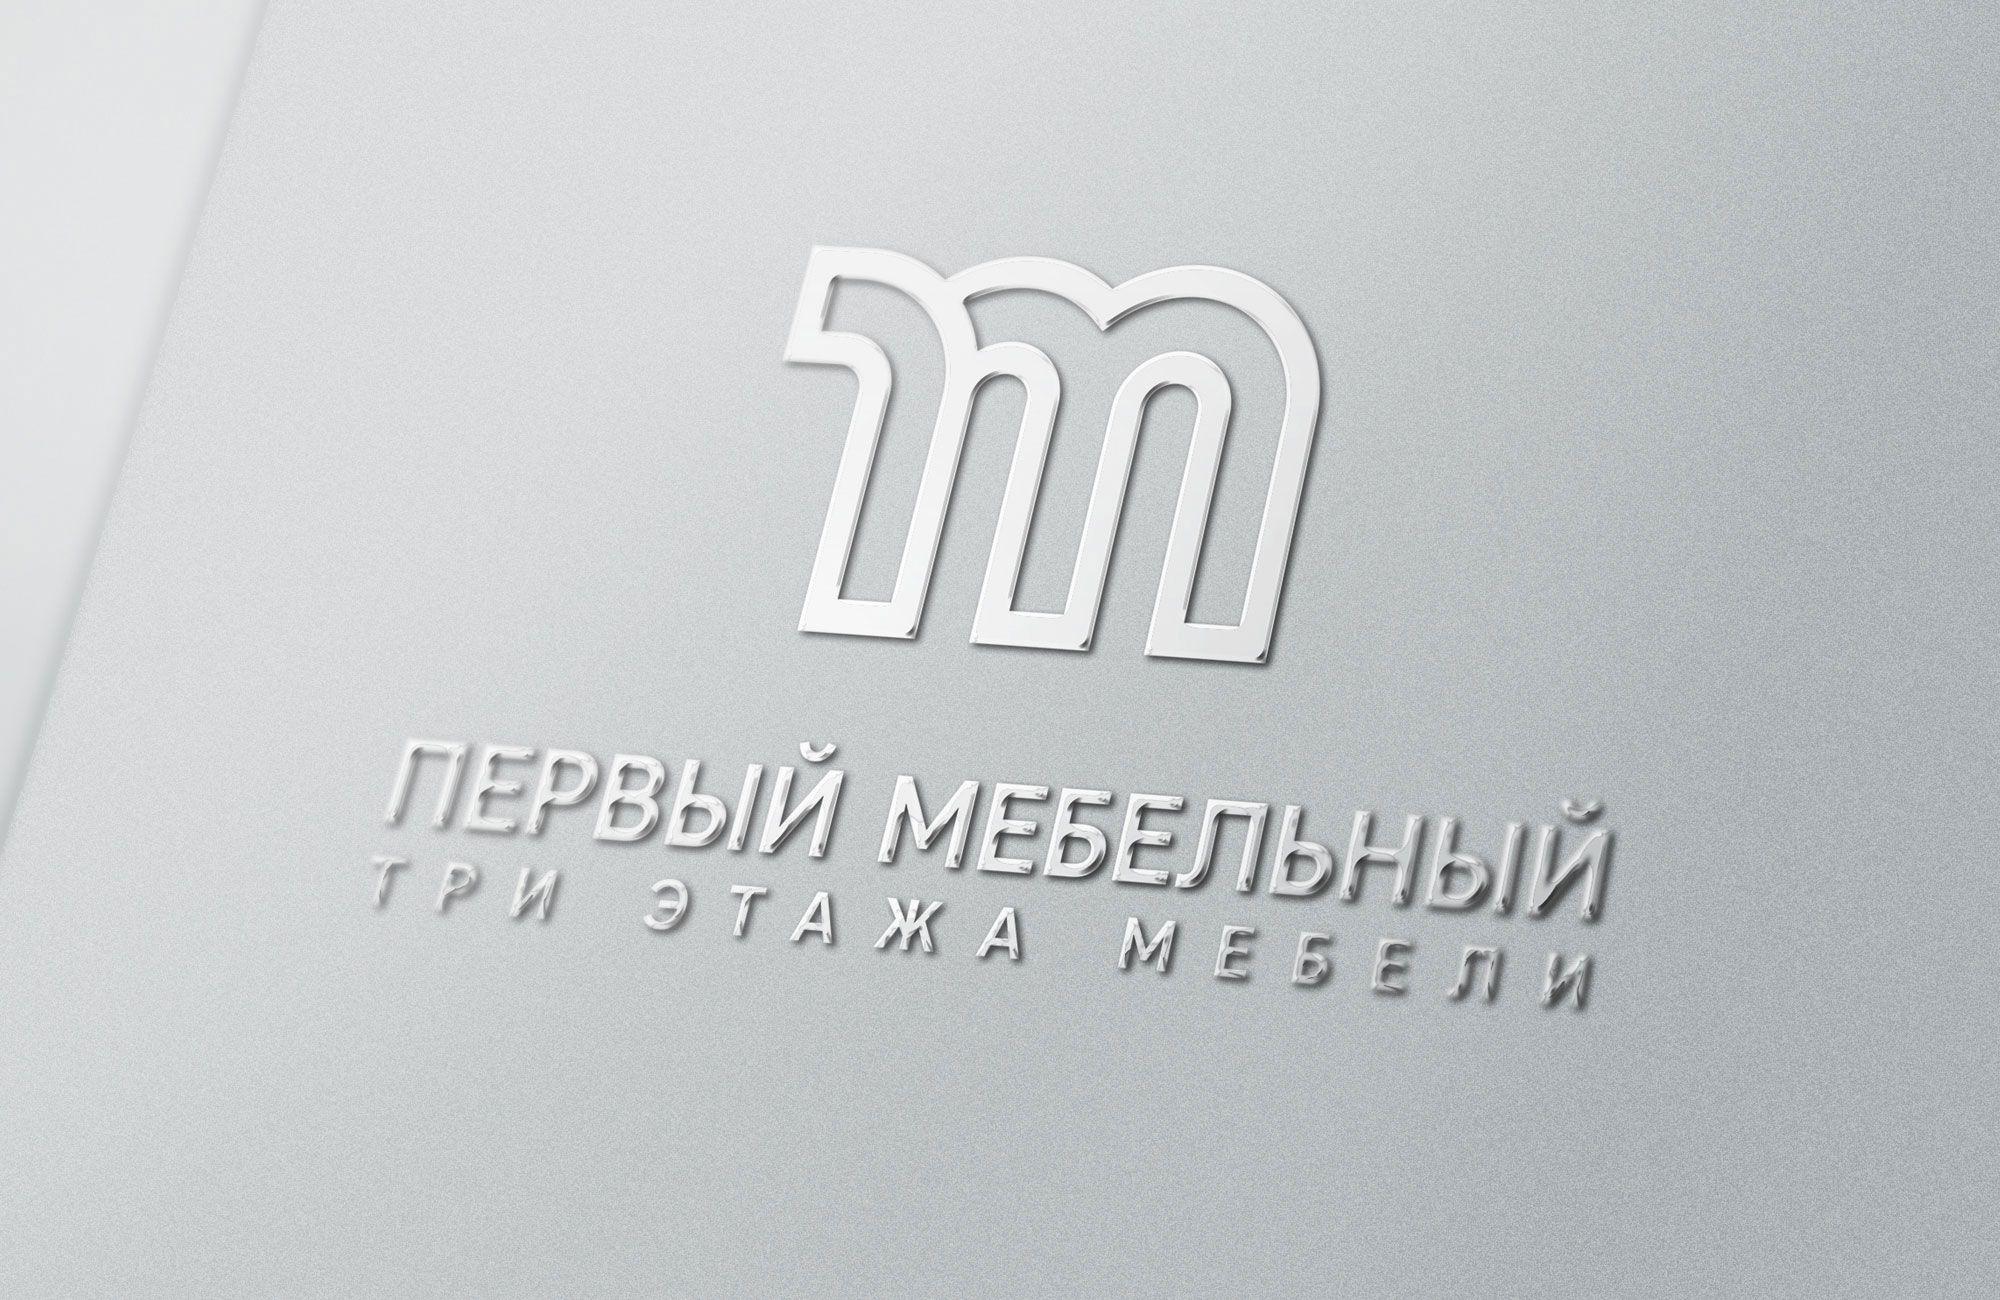 Логотип для Первый мебельный - дизайнер nuttale